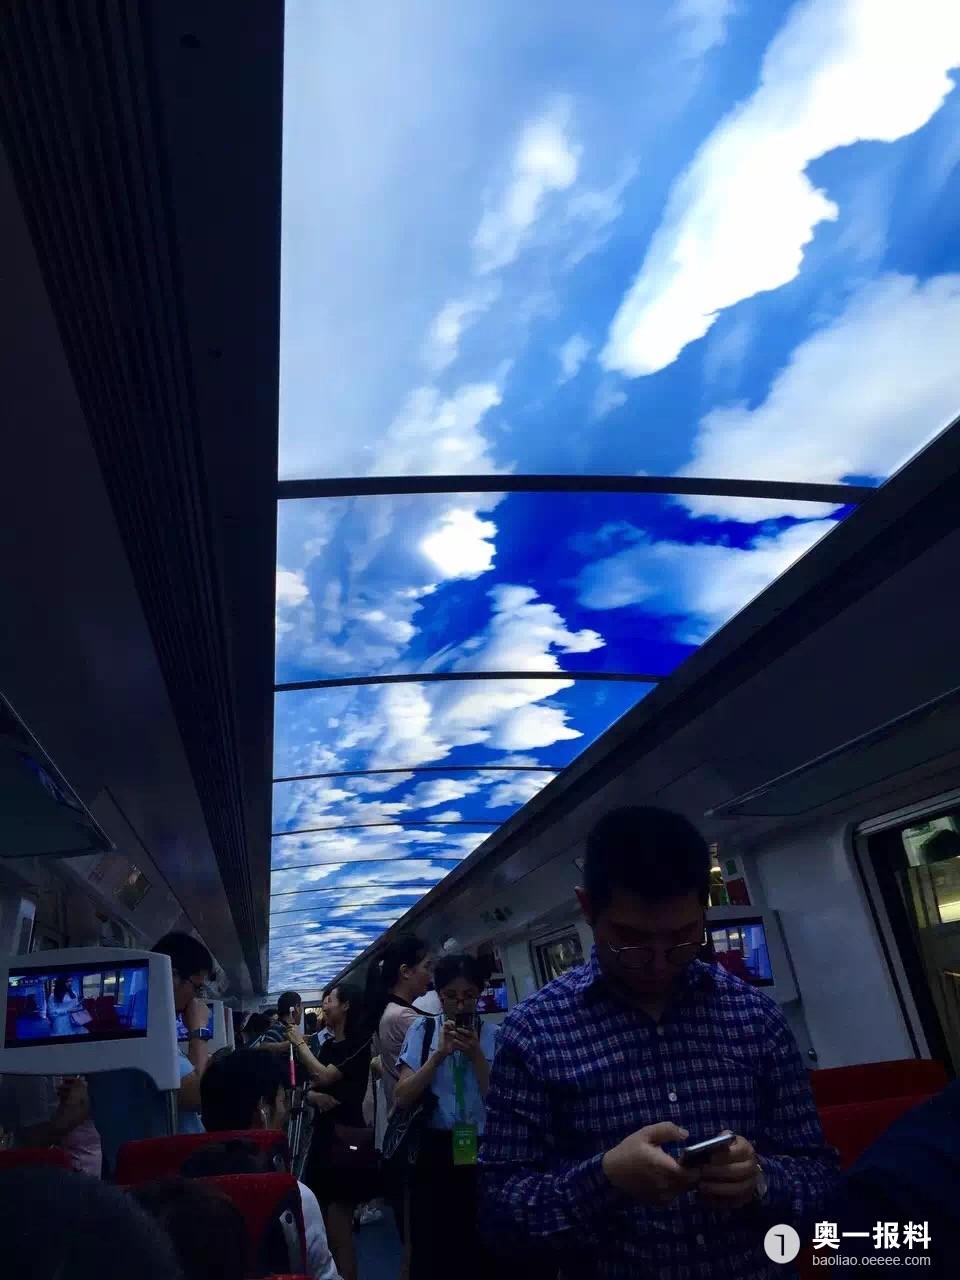 【直播】深圳地铁11号线开通_报料_民声汇_奥一报料_南都报系综合报料平台